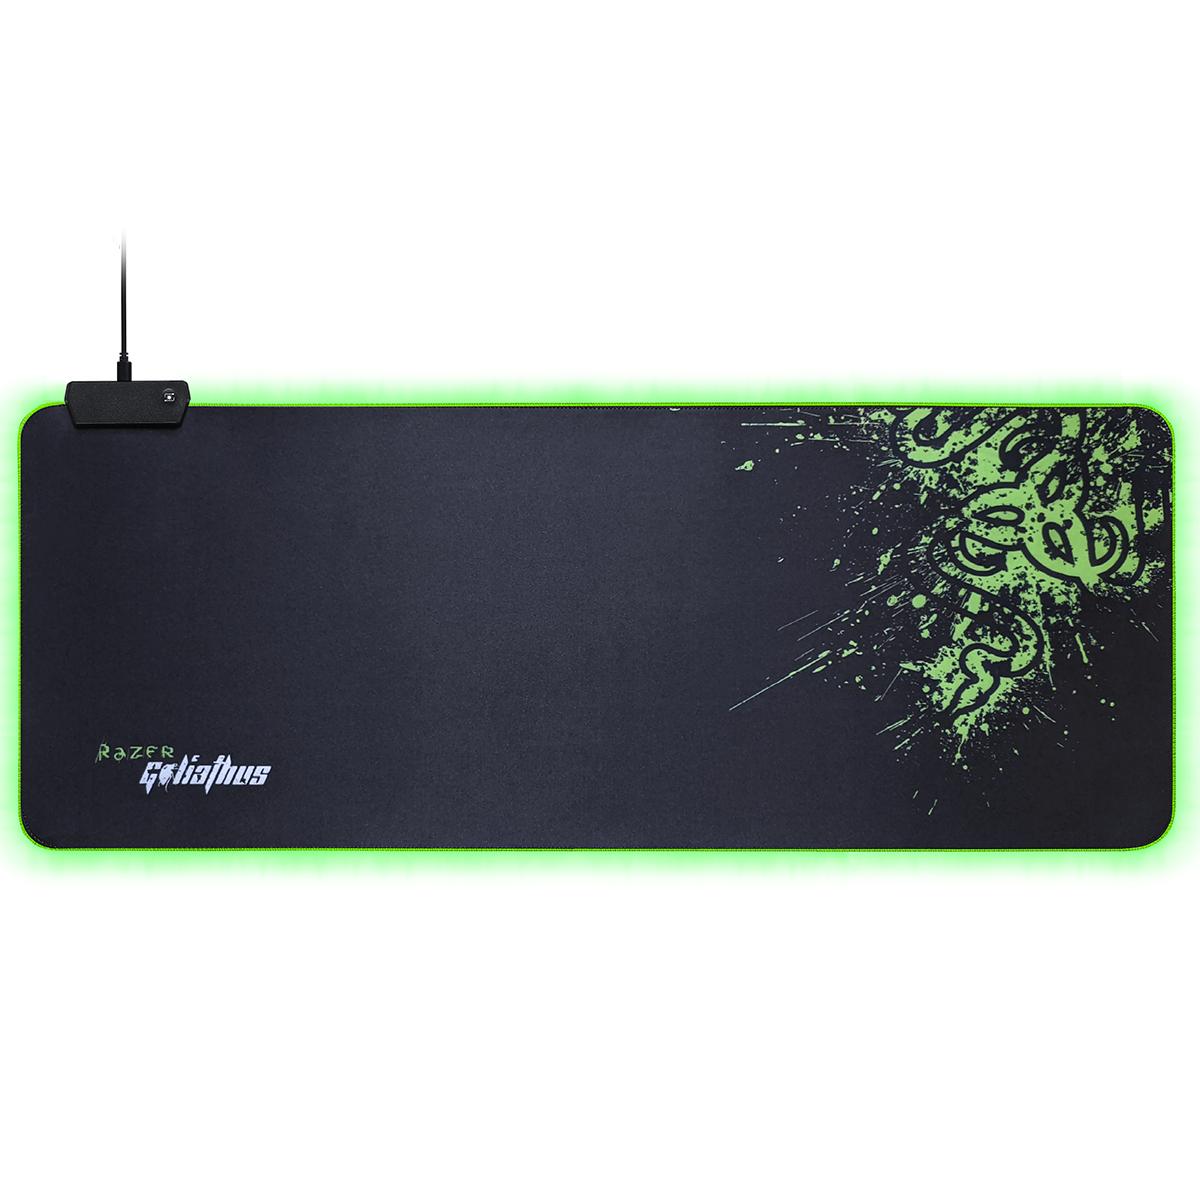 Игровая поверхность/коврик для мыши 780х300х3 с RGB подсветкой